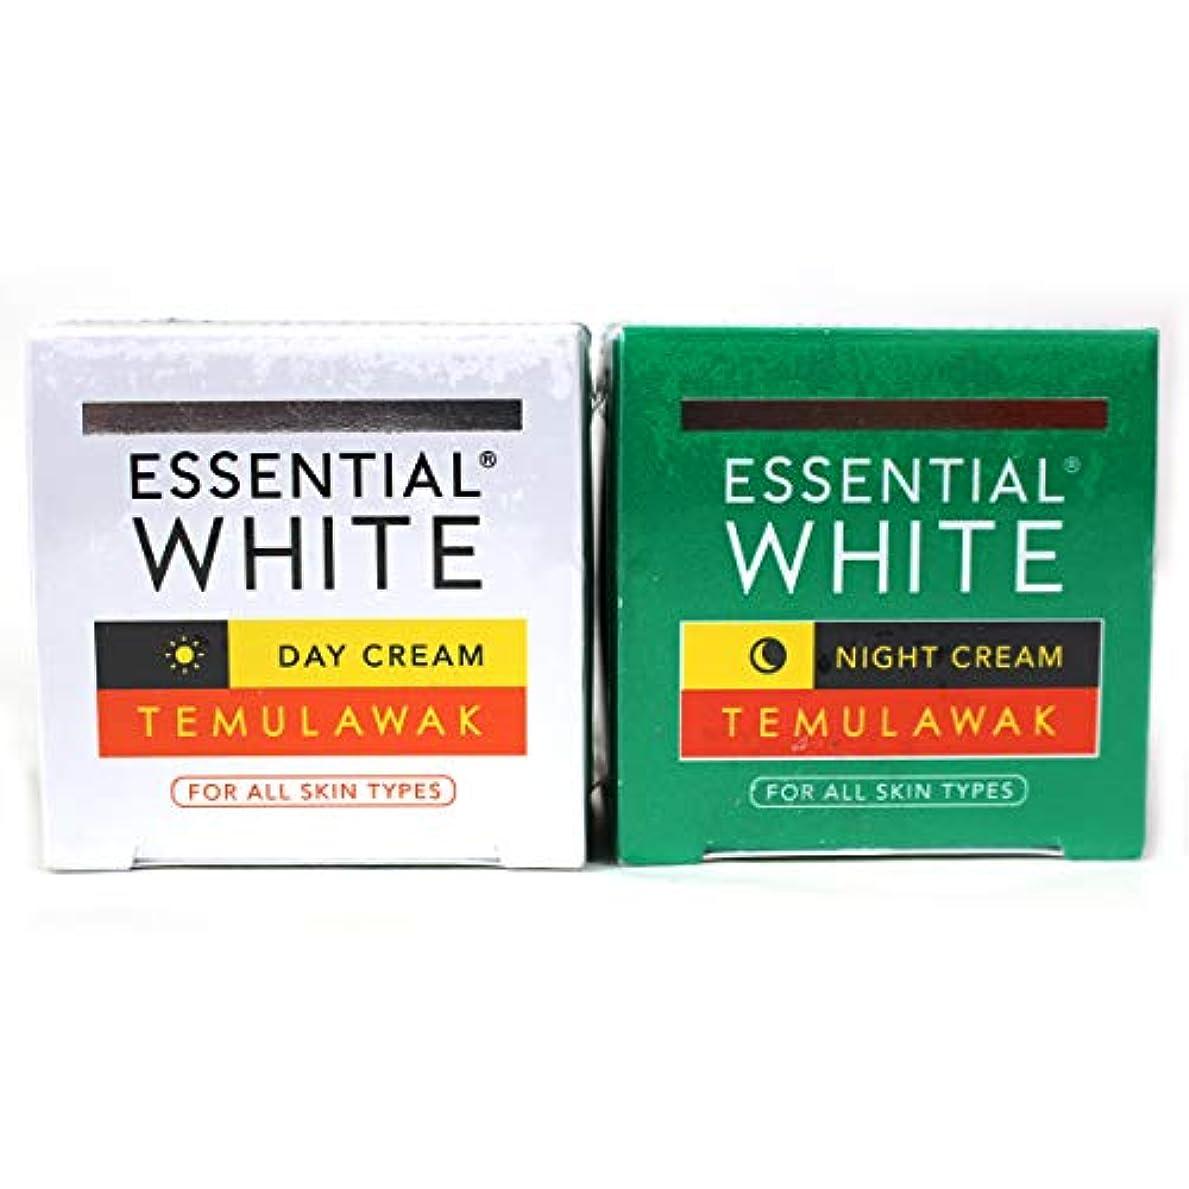 ベンチ留まるコマースギジ gizi Essential White フェイスクリーム ボトルタイプ 日中用&ナイト用セット 9g ×2個 テムラワク ウコン など天然成分配合 [海外直送品]